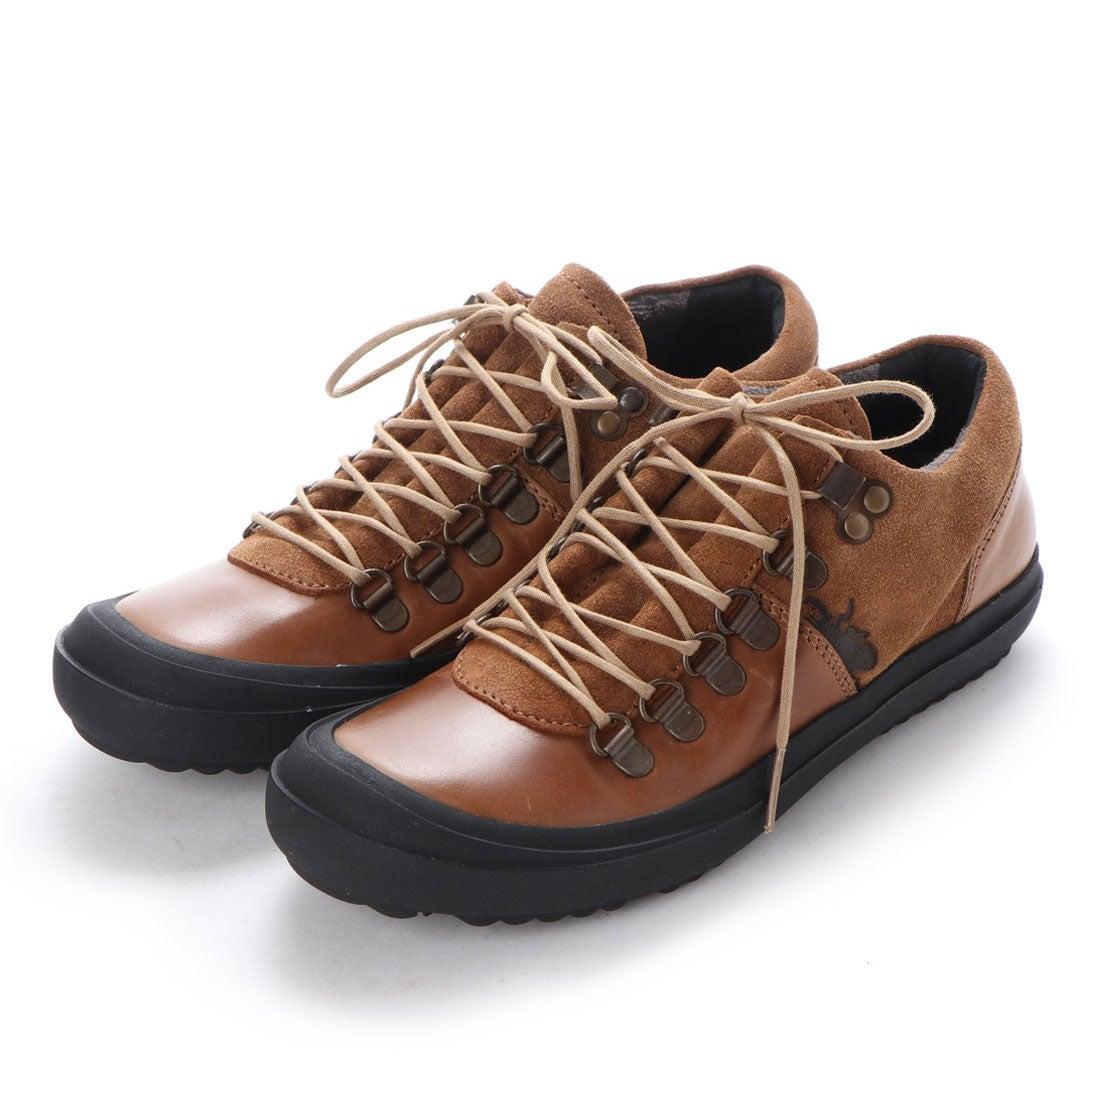 ヨーロッパコンフォートシューズ EU Comfort Shoes FLYLONDON スニーカー(601.221) (ライトブラウン)